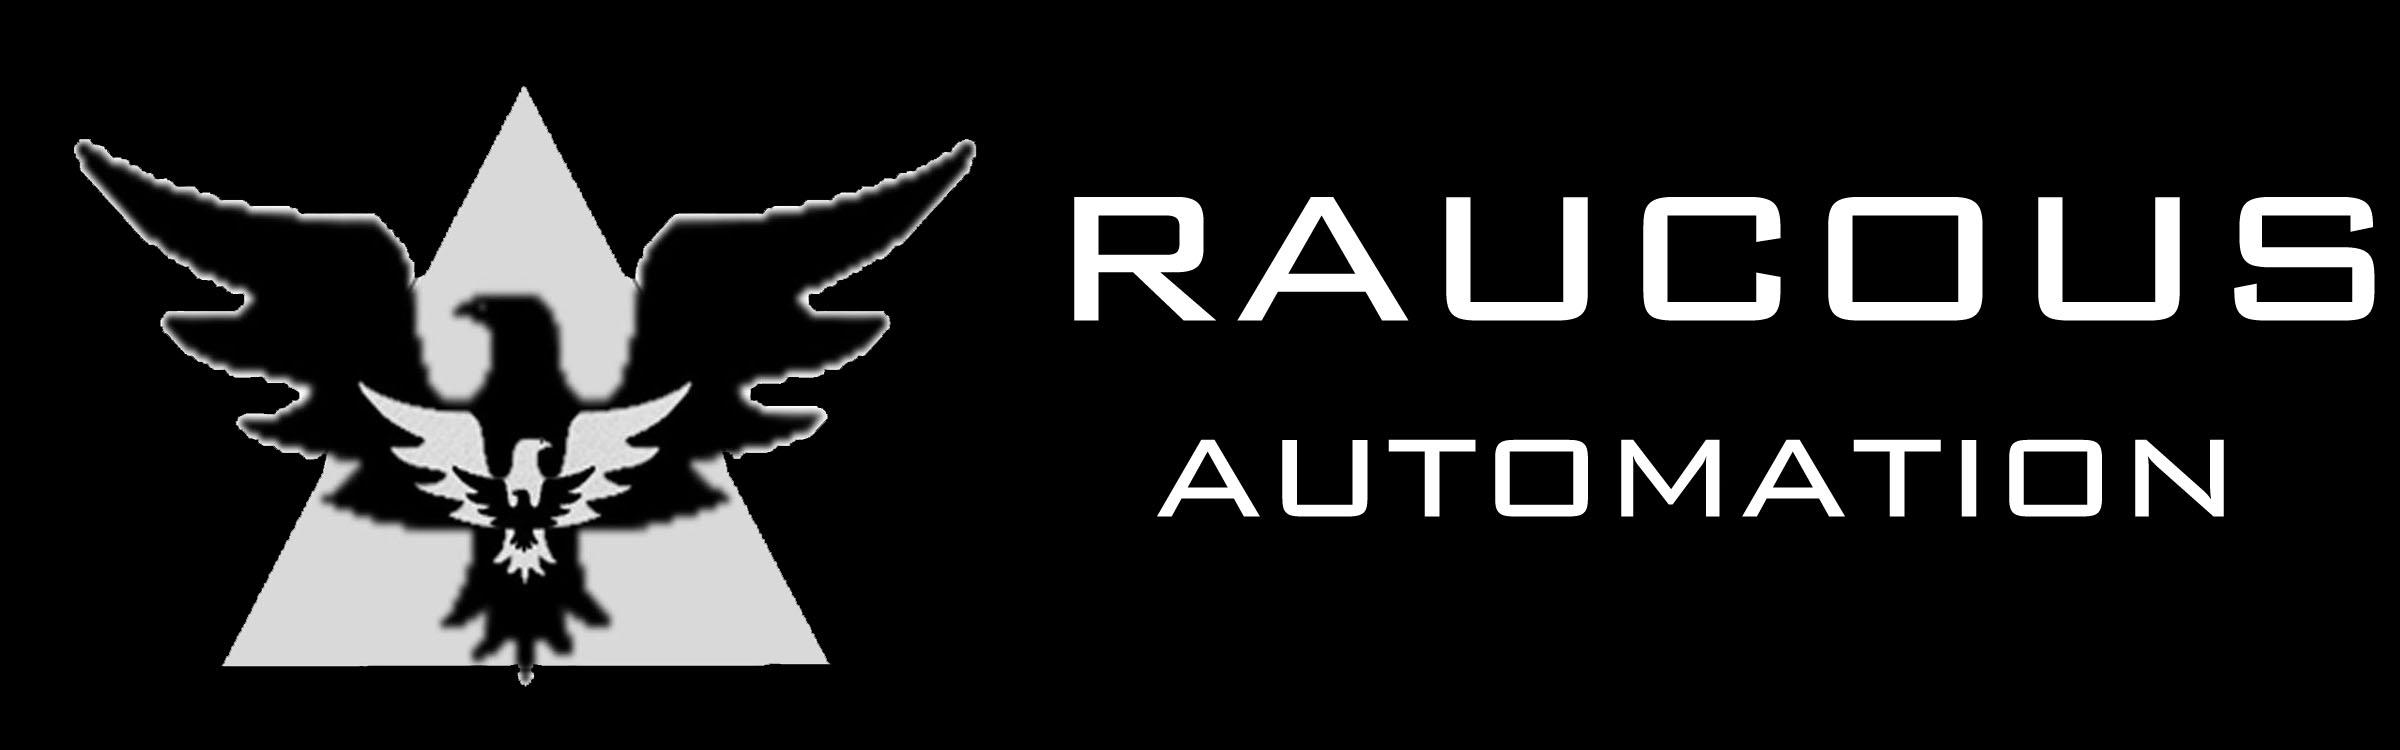 Raucous Automation - logo